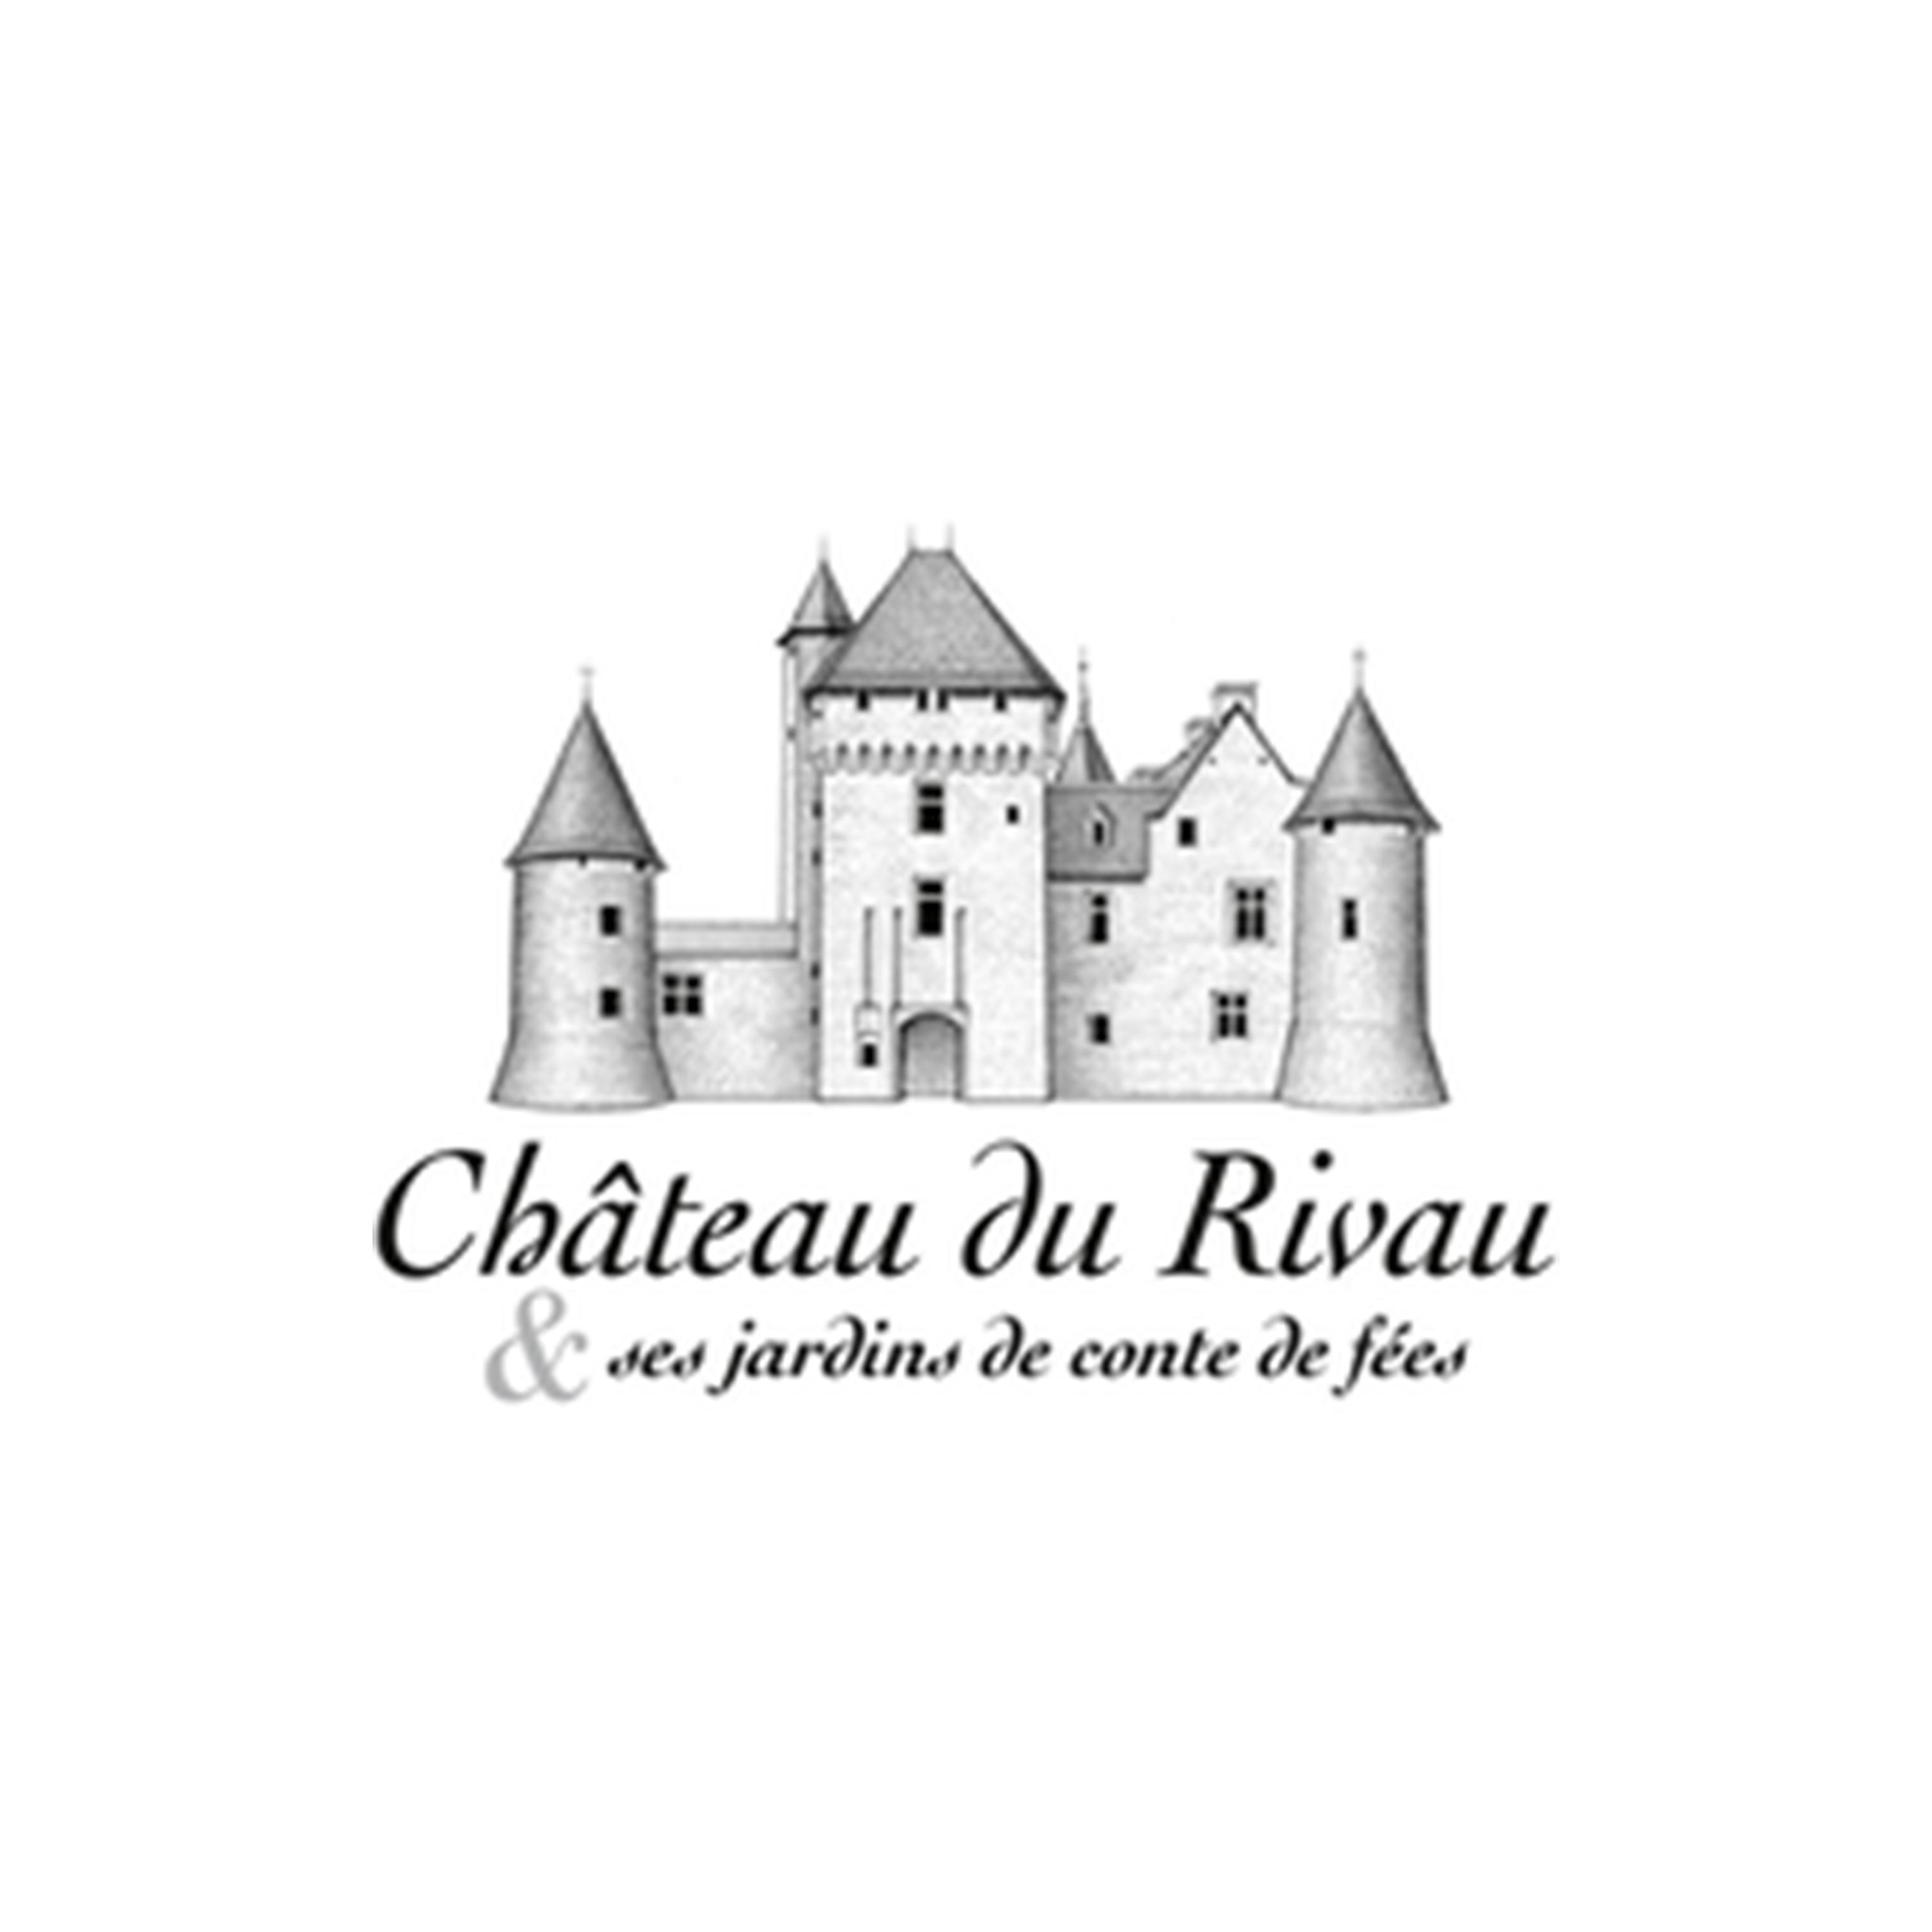 chateau-du-rivau